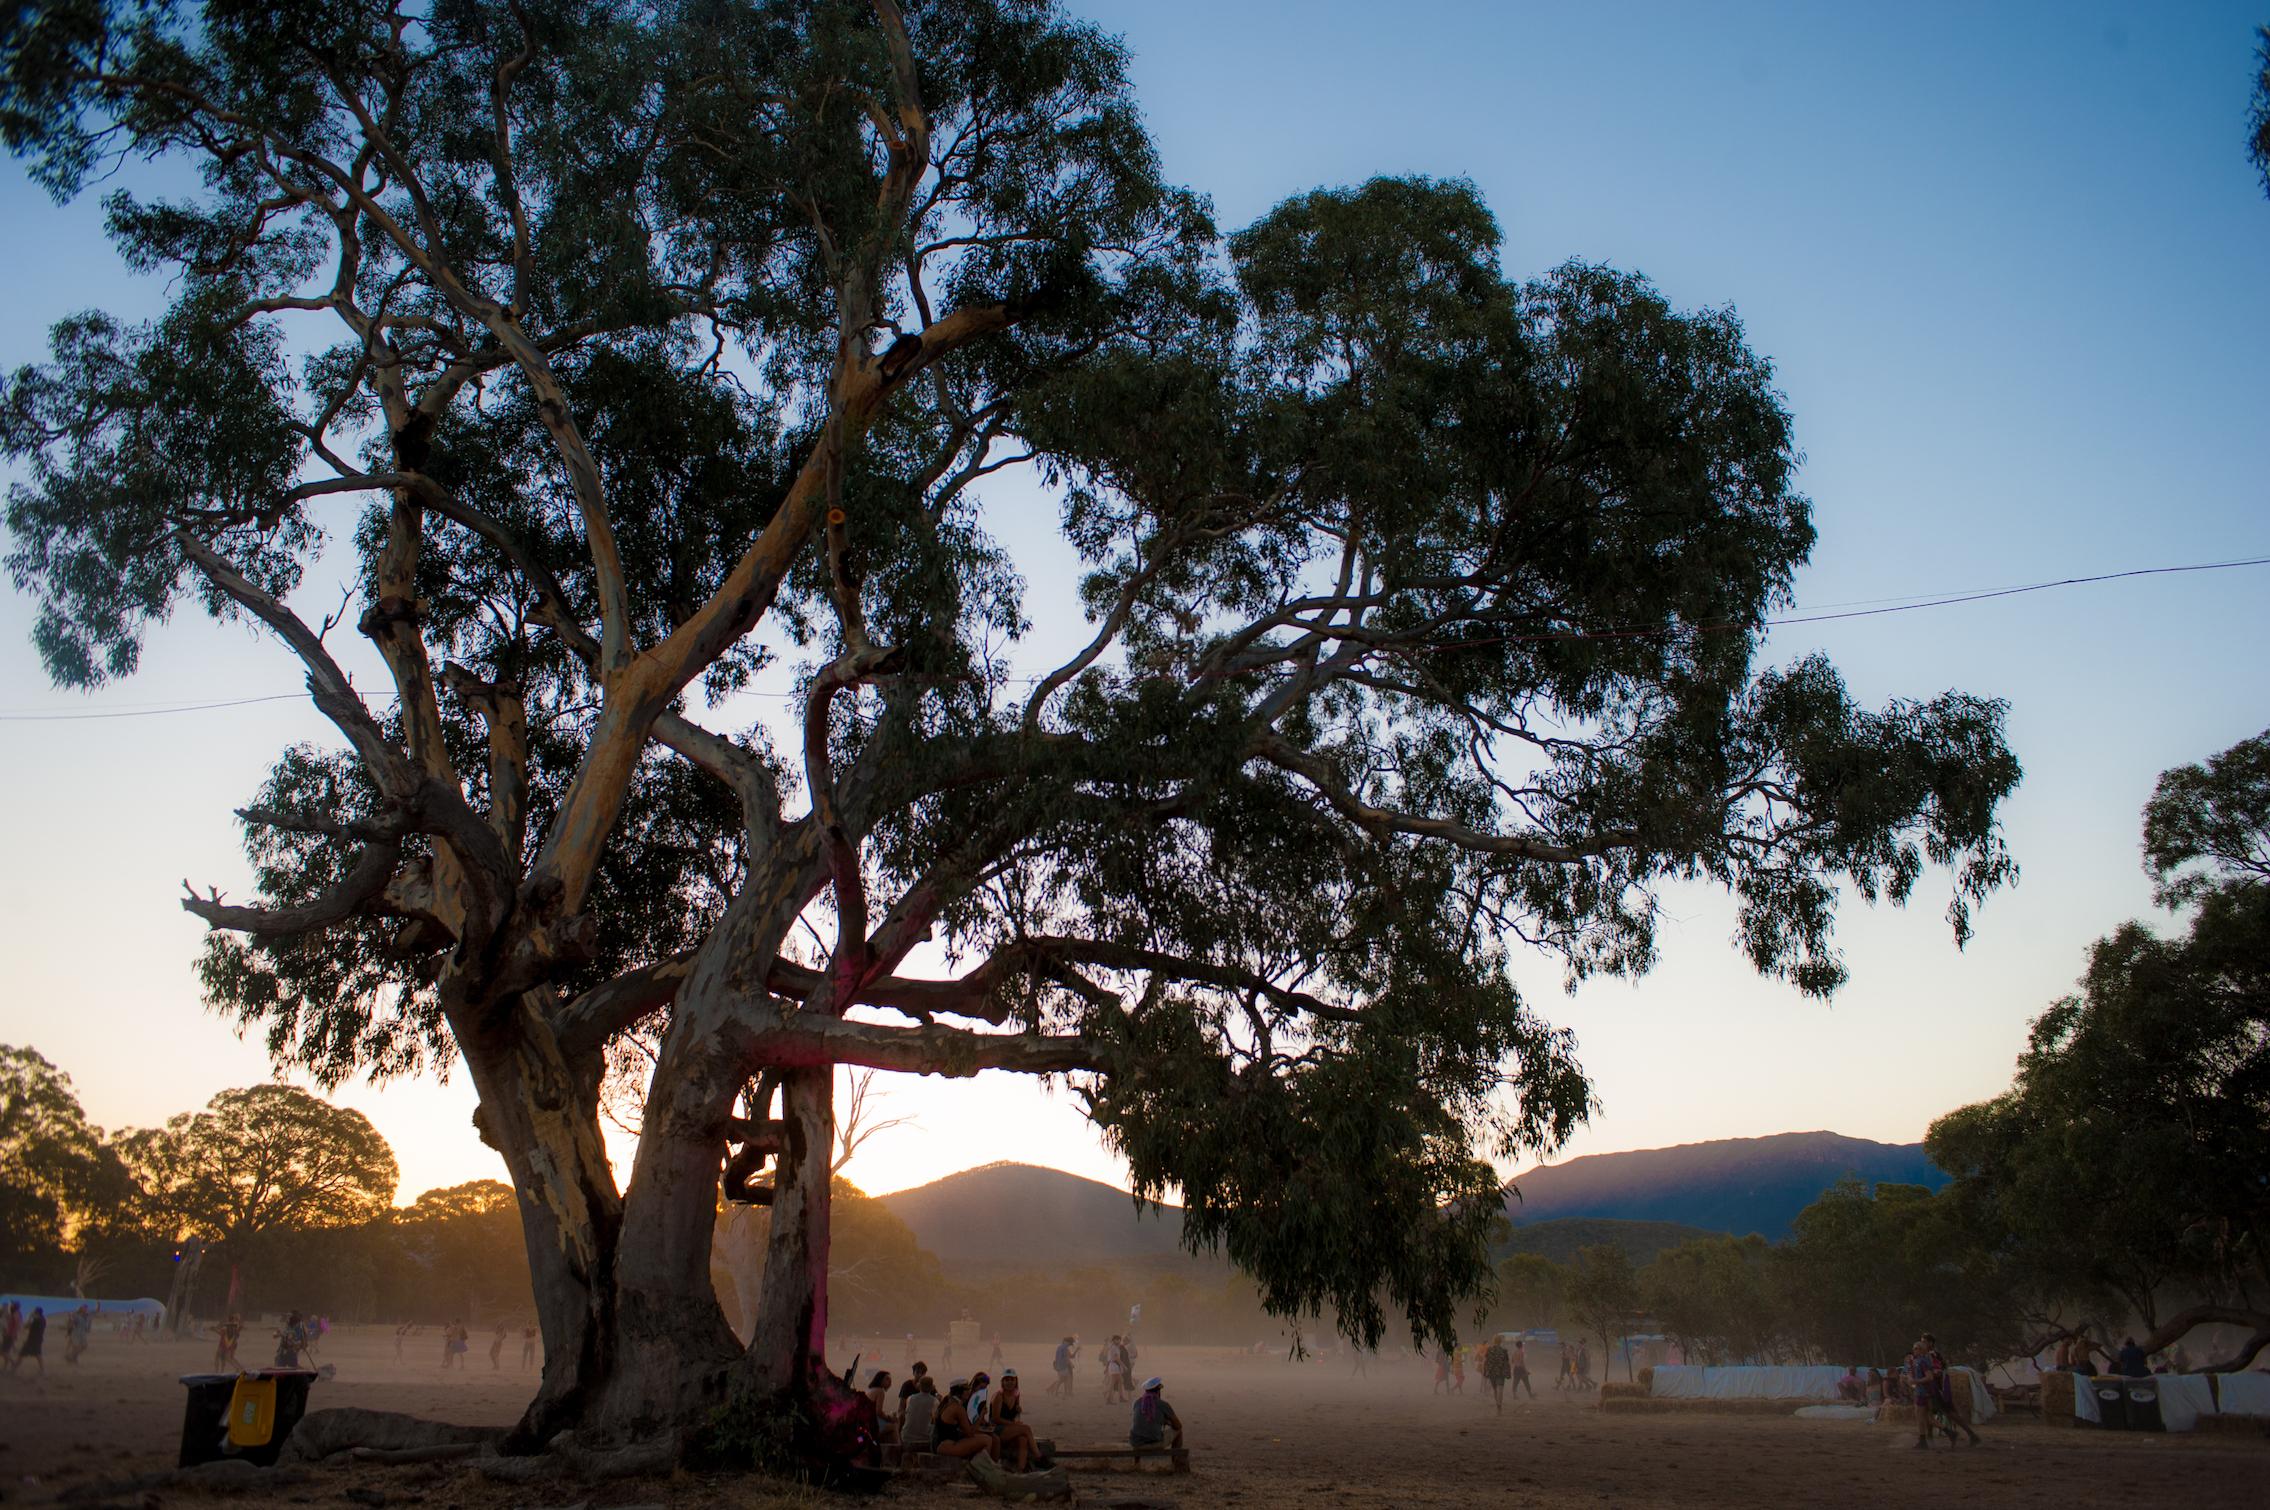 pitch festival trees trolleyd.jpg